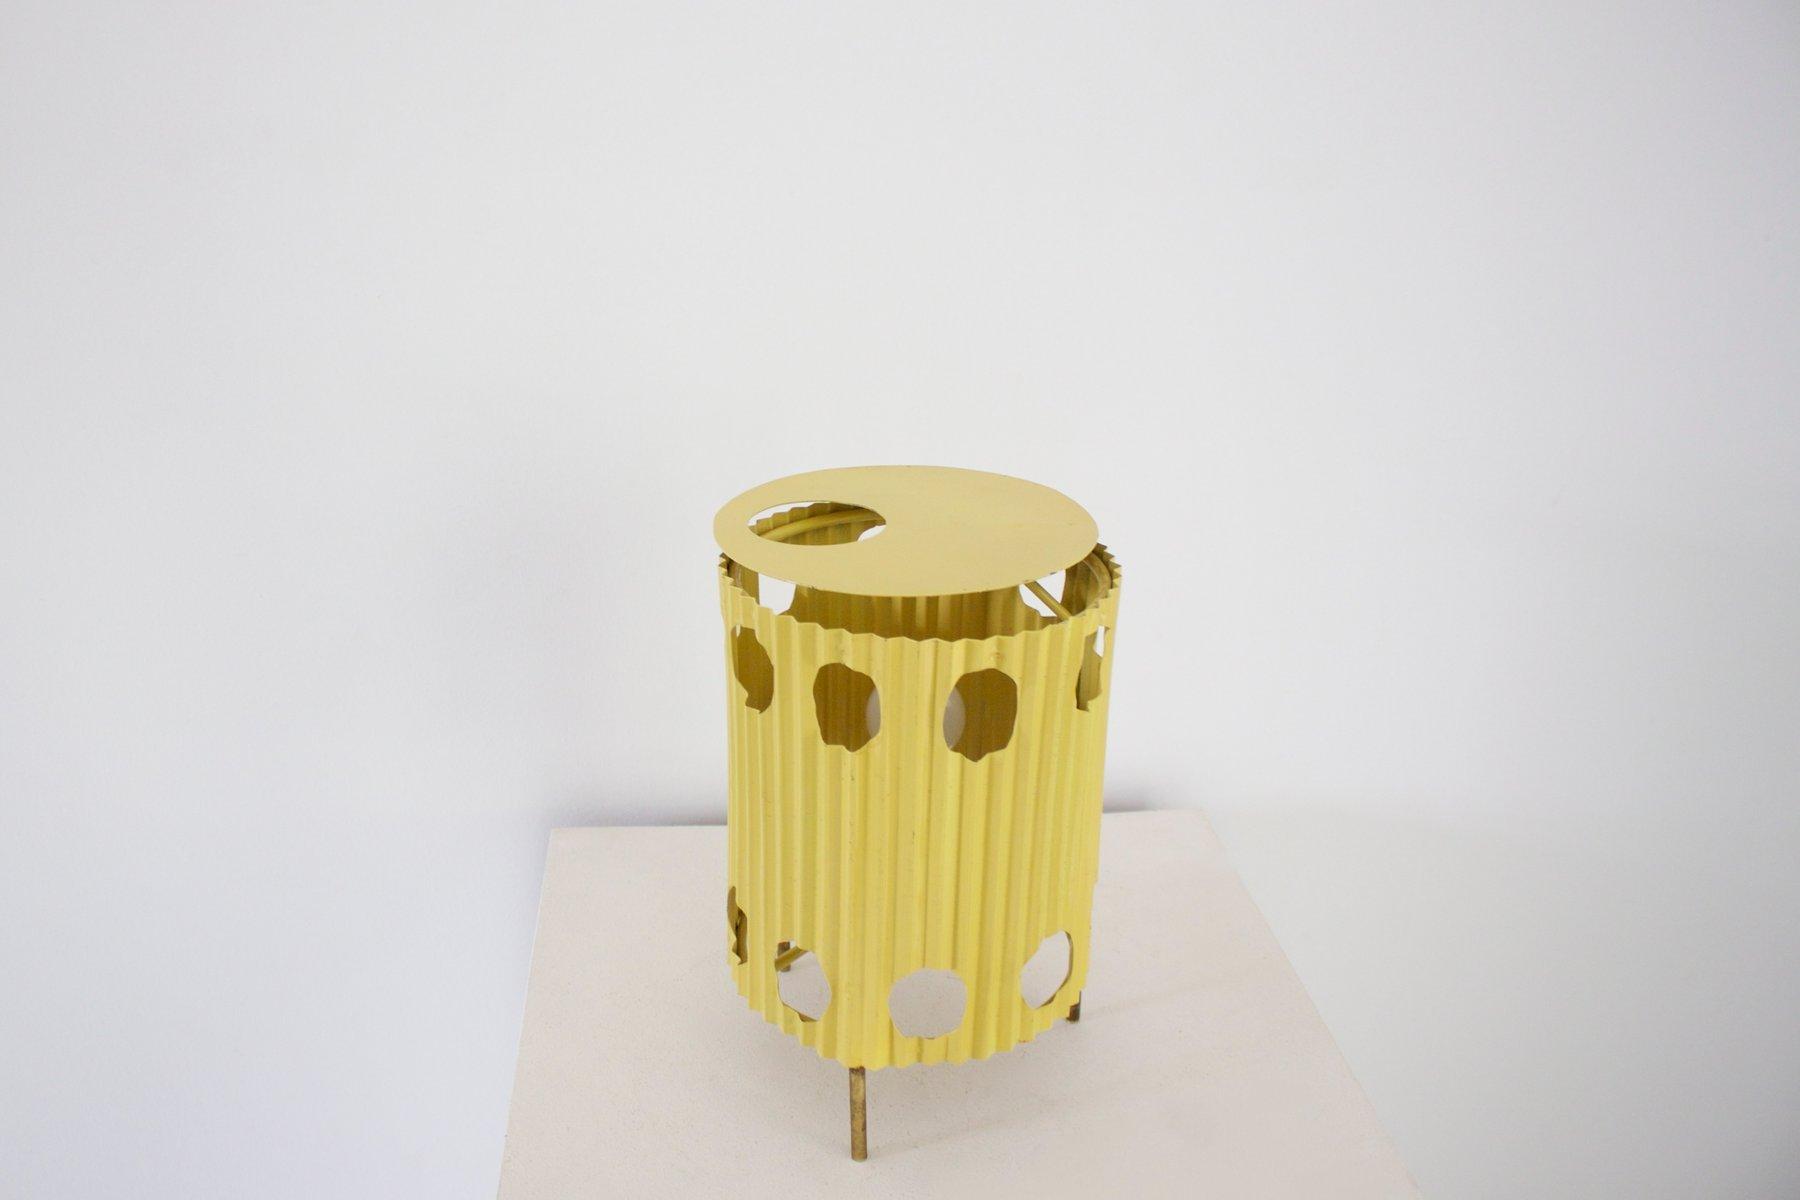 Java Tischlampe von Mathieu Matégot, 1954